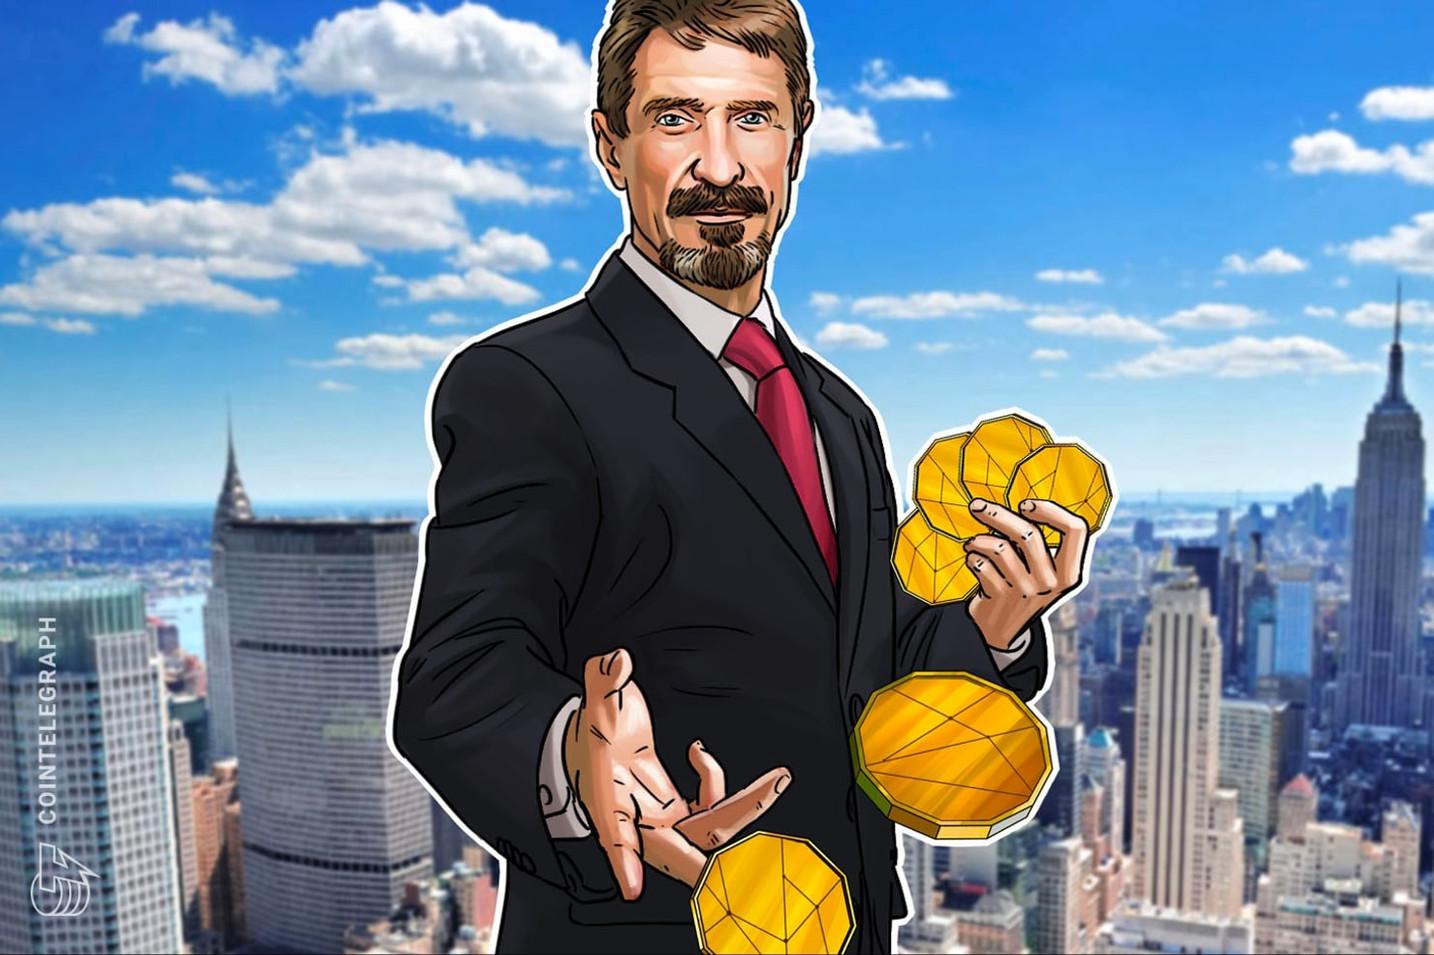 Precio de Bitcoin a 1 millón para el 2020: ¿Por qué McAffee todavía mantiene su apuesta?